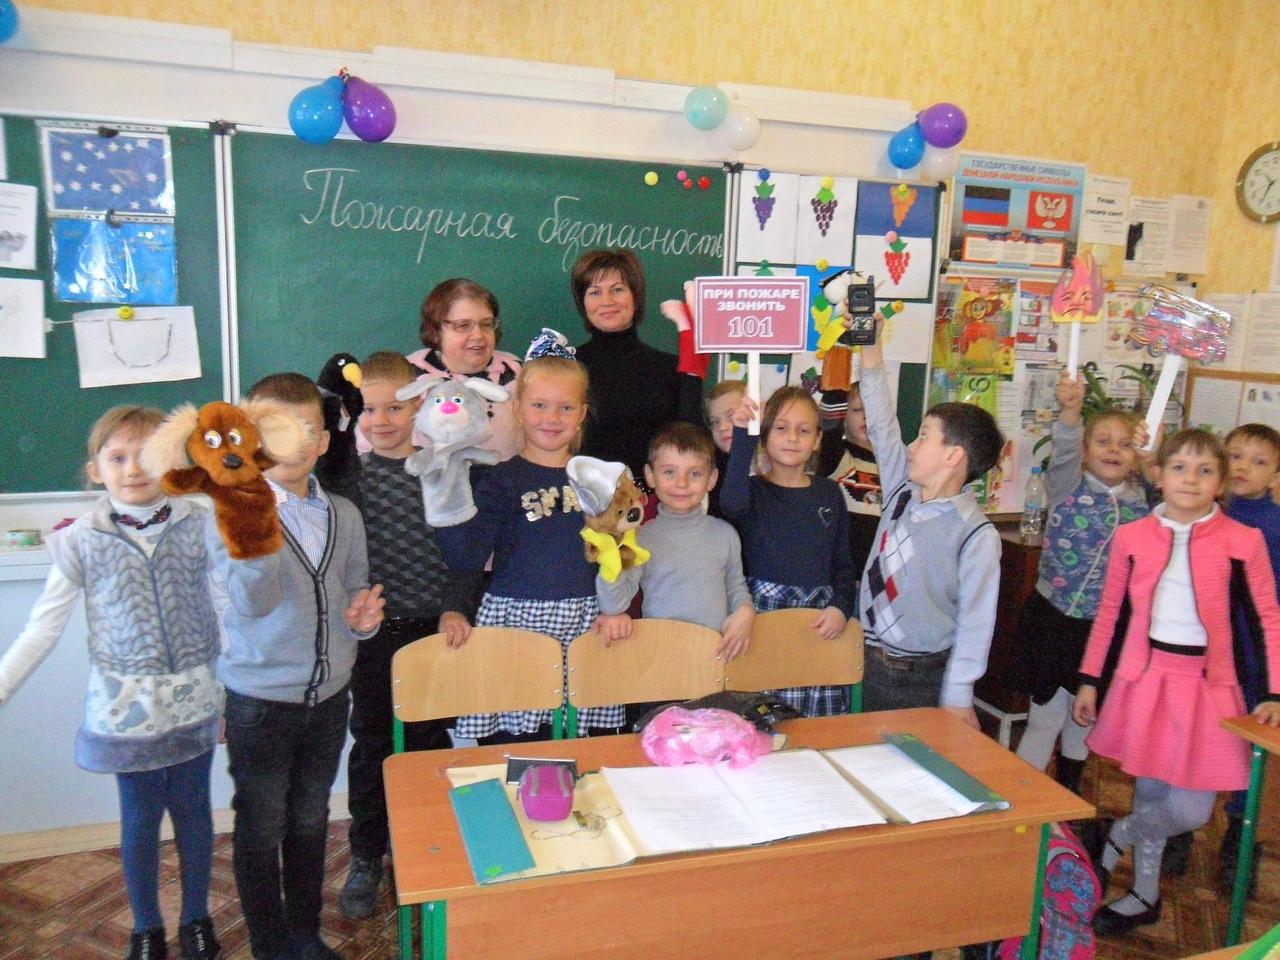 Донецкая республиканская библиотека для детей, пожарная безопасность, отдел искусств, кукольный спектакль